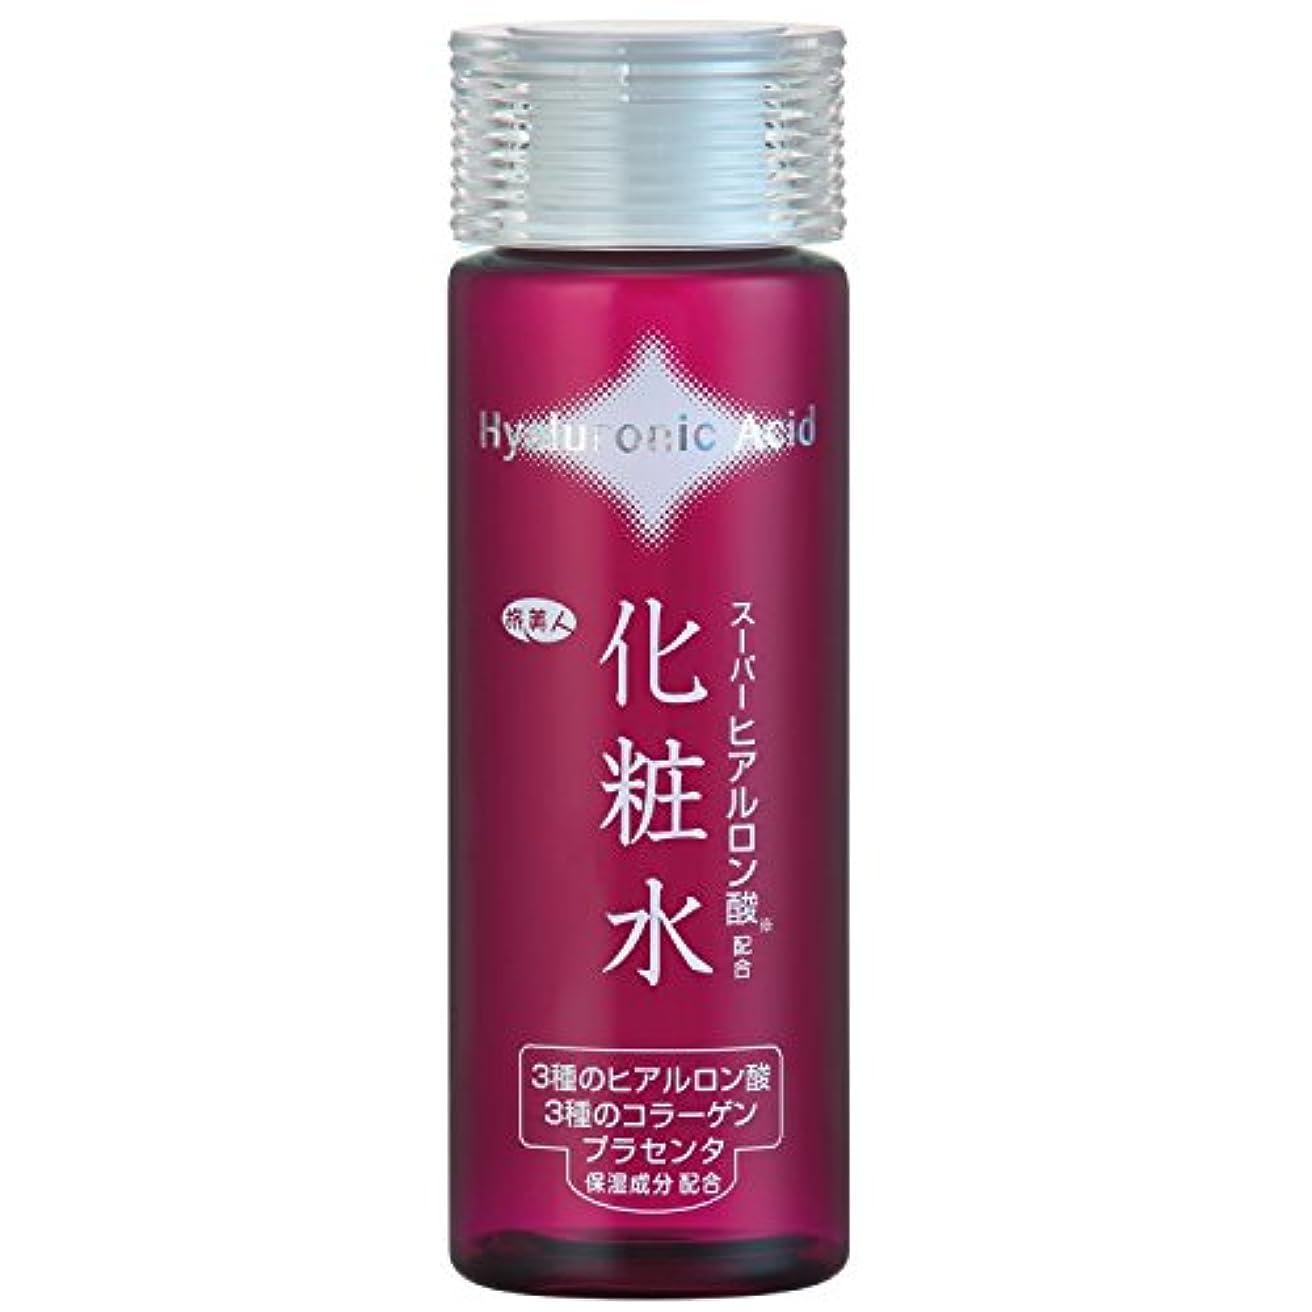 最少手伝う一見アズマ商事のスーパーヒアルロン酸配合化粧水